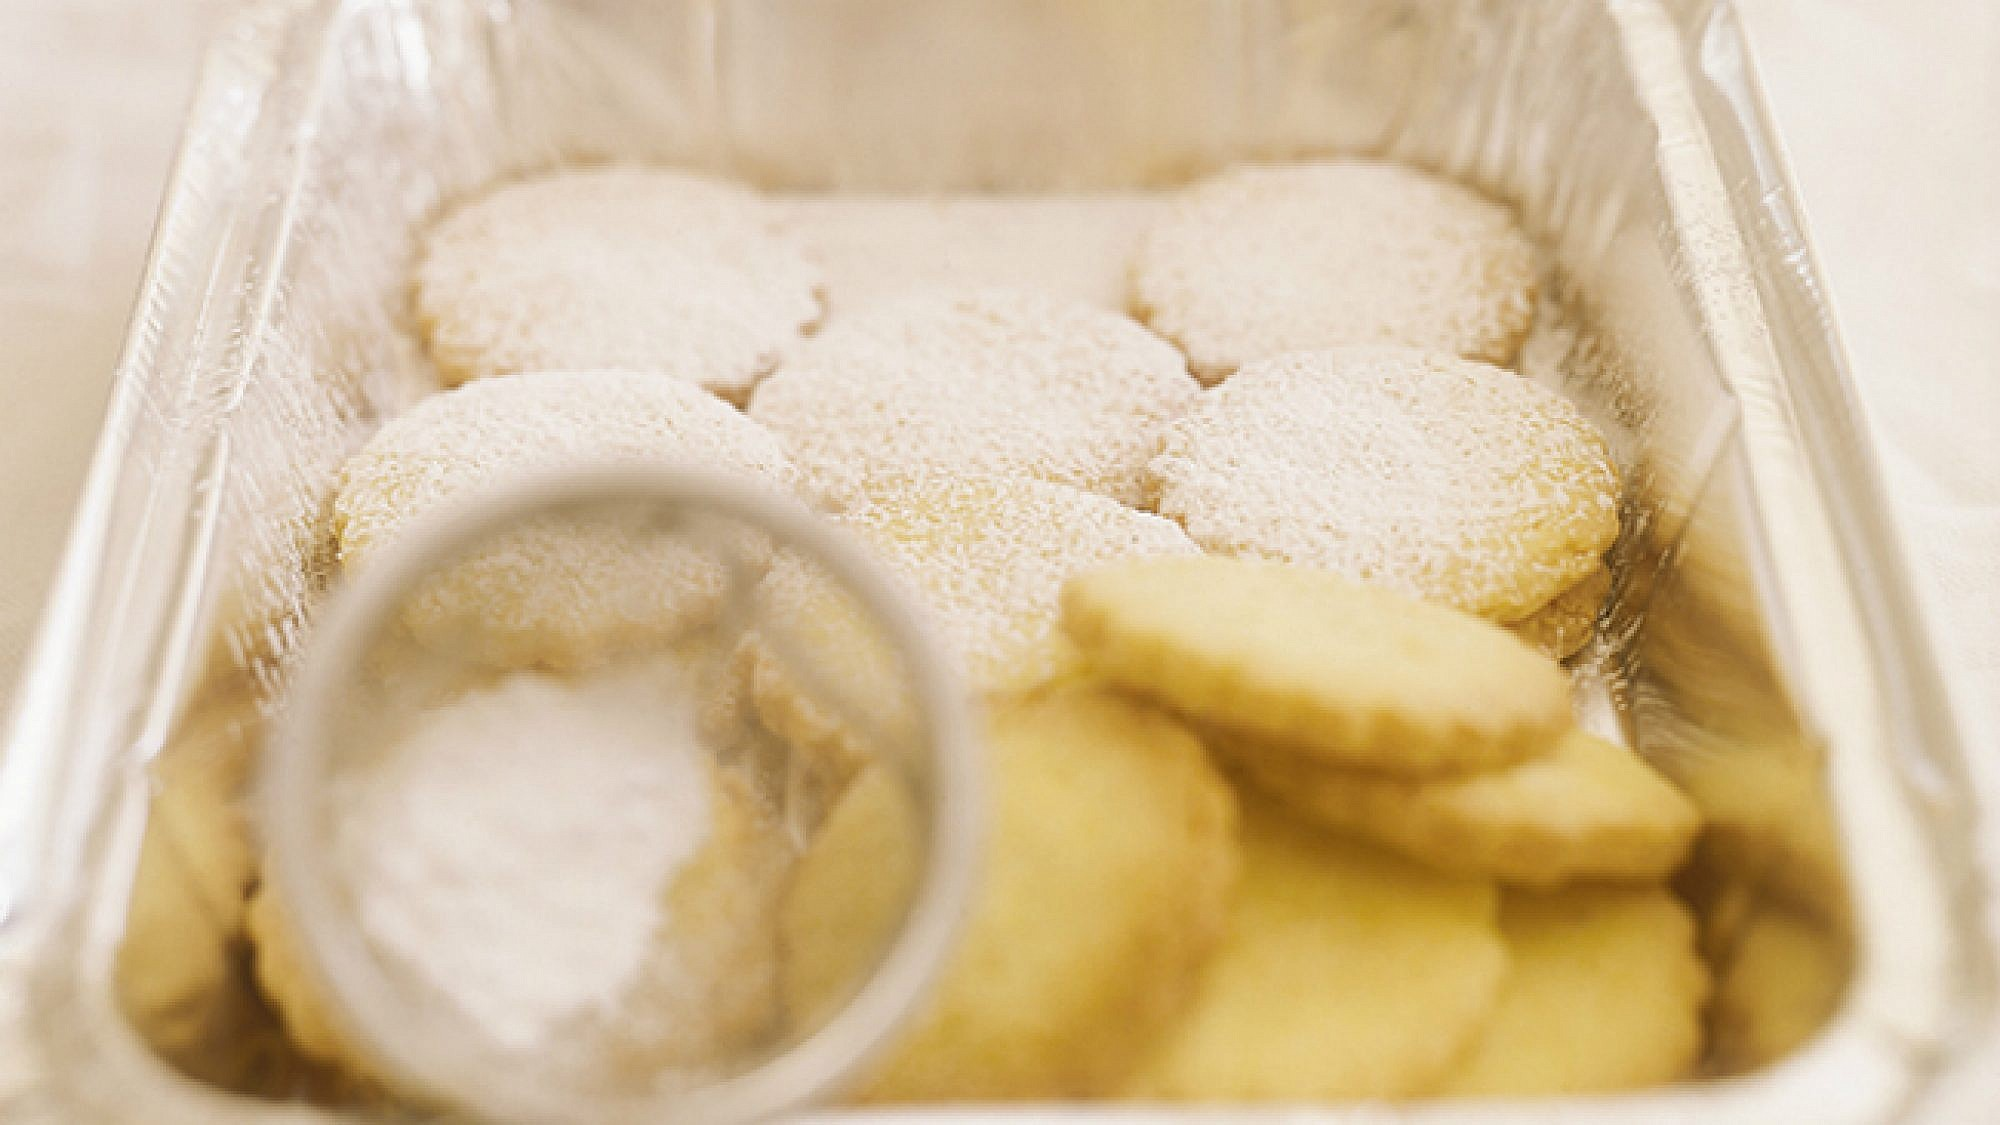 עוגיות לימון. צילום: אסנת בן דב